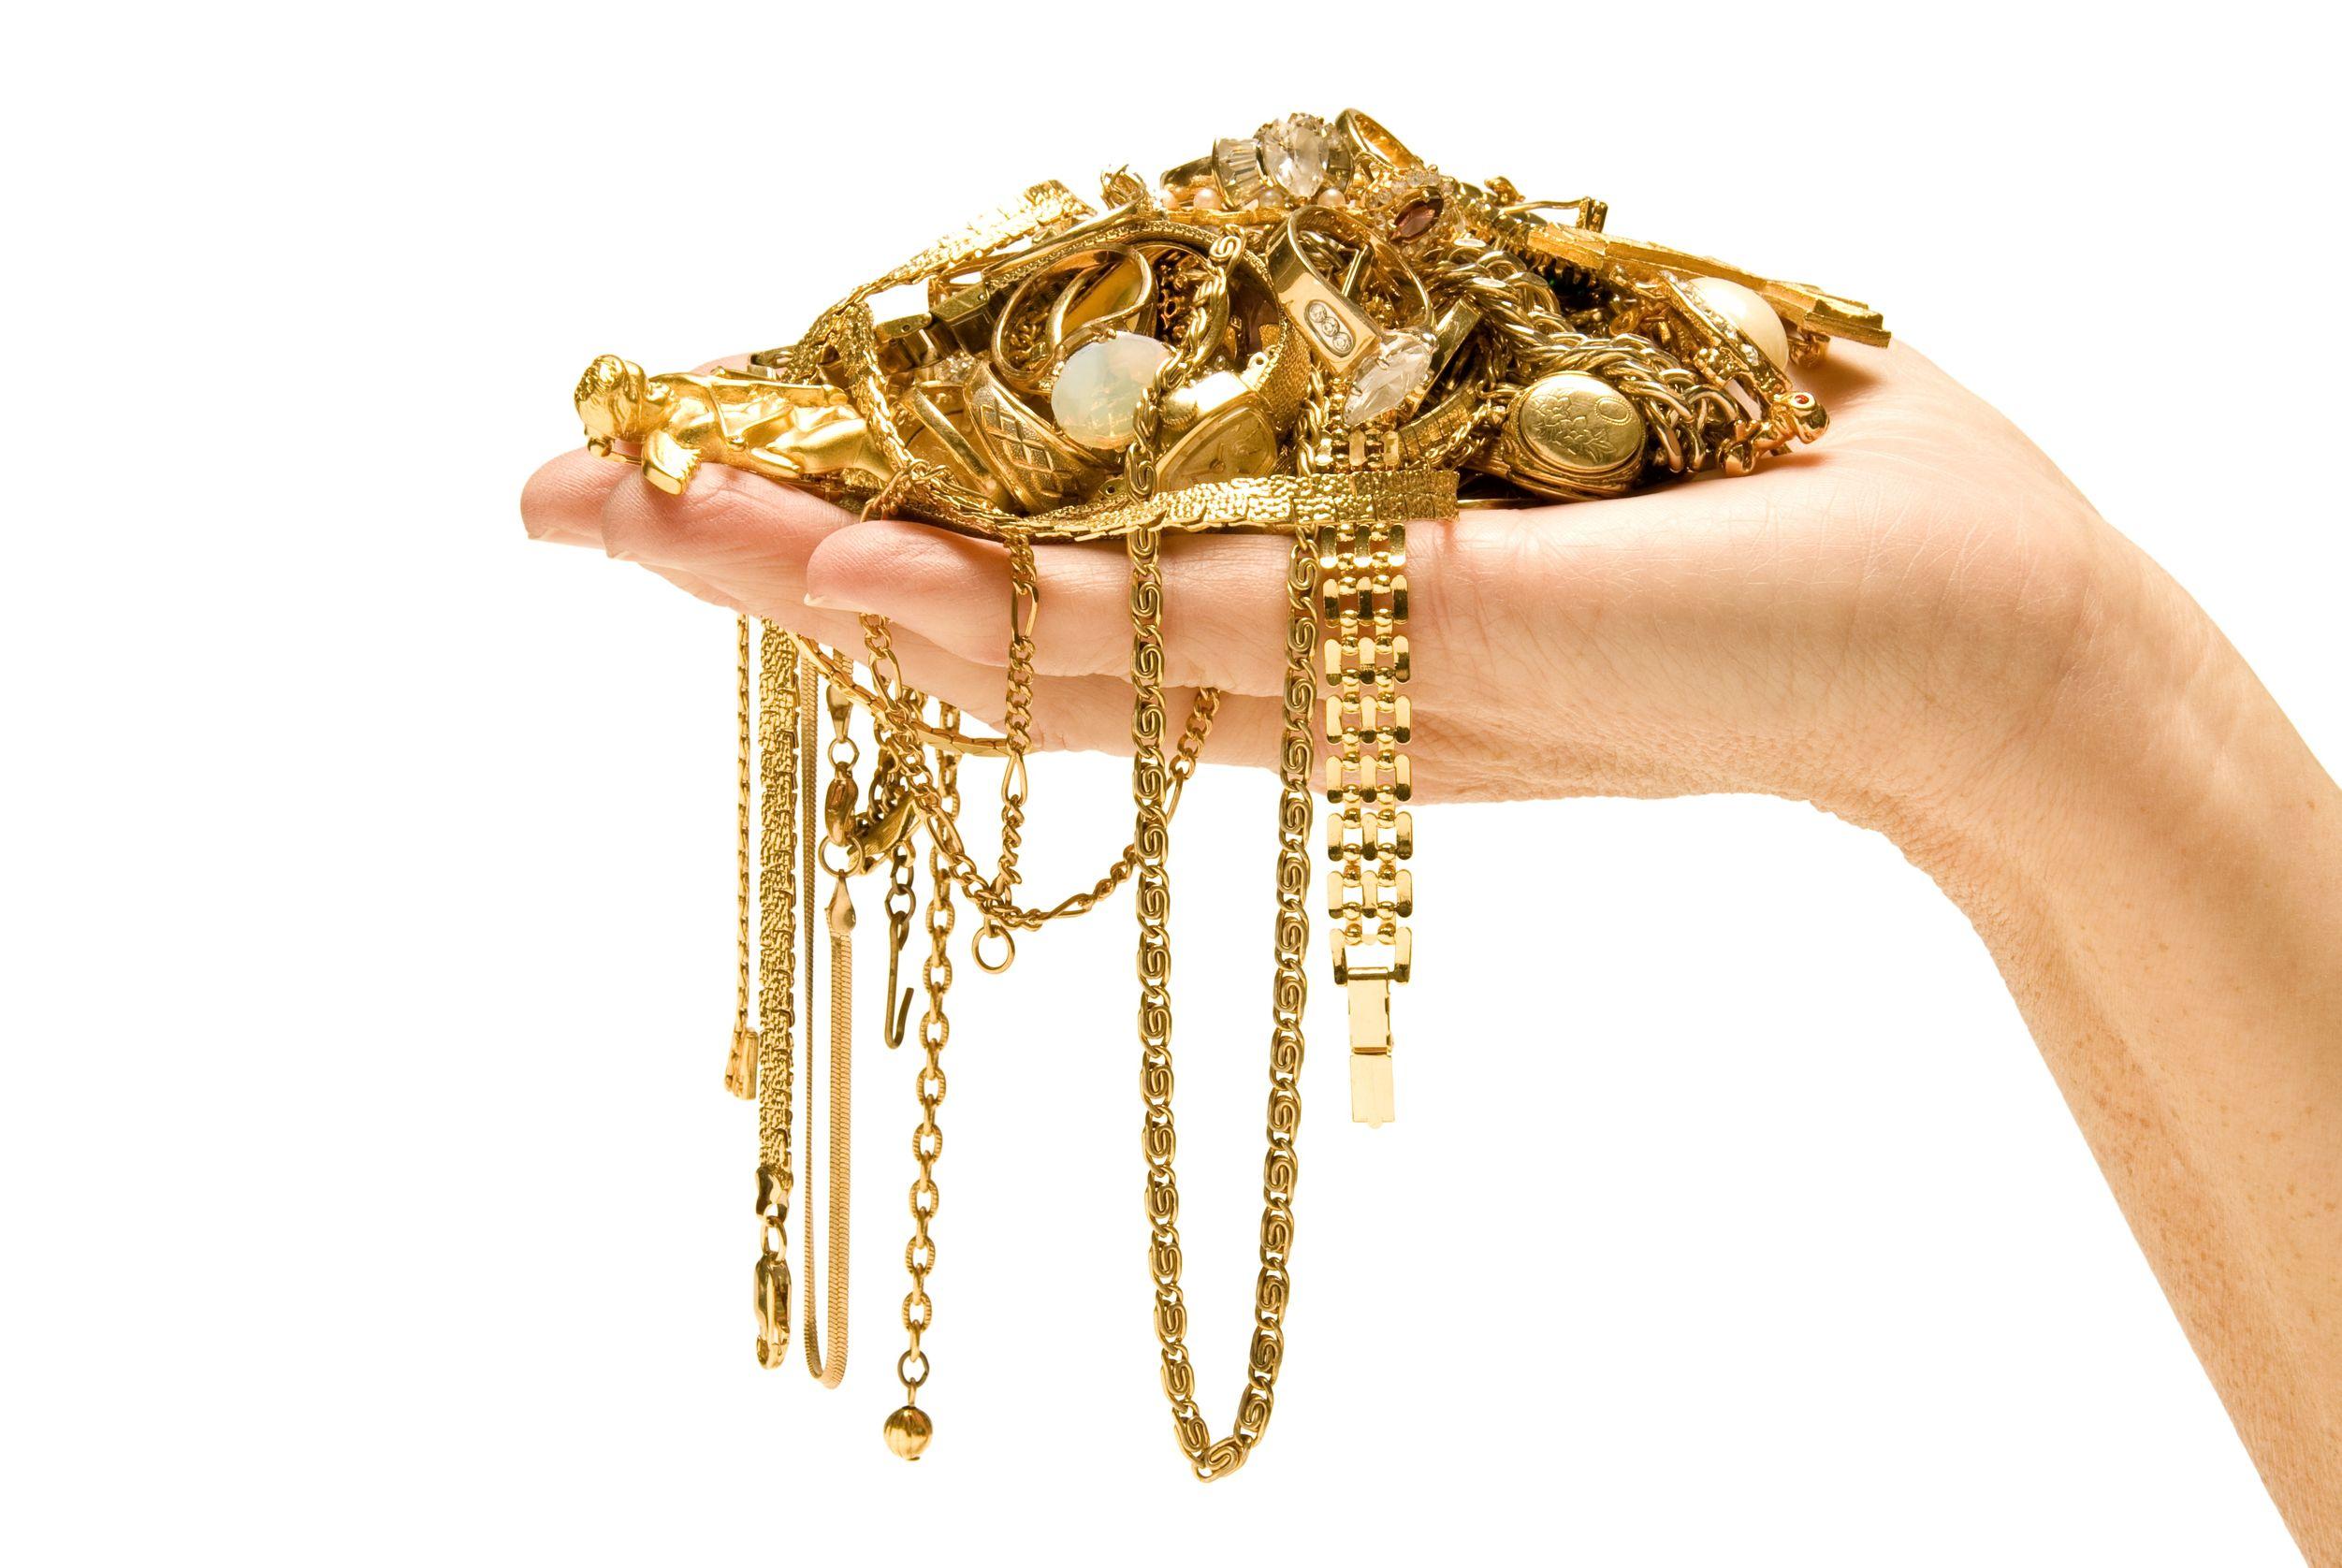 К чему снятся золотые украшения? Сонник: золото и золотые украшения